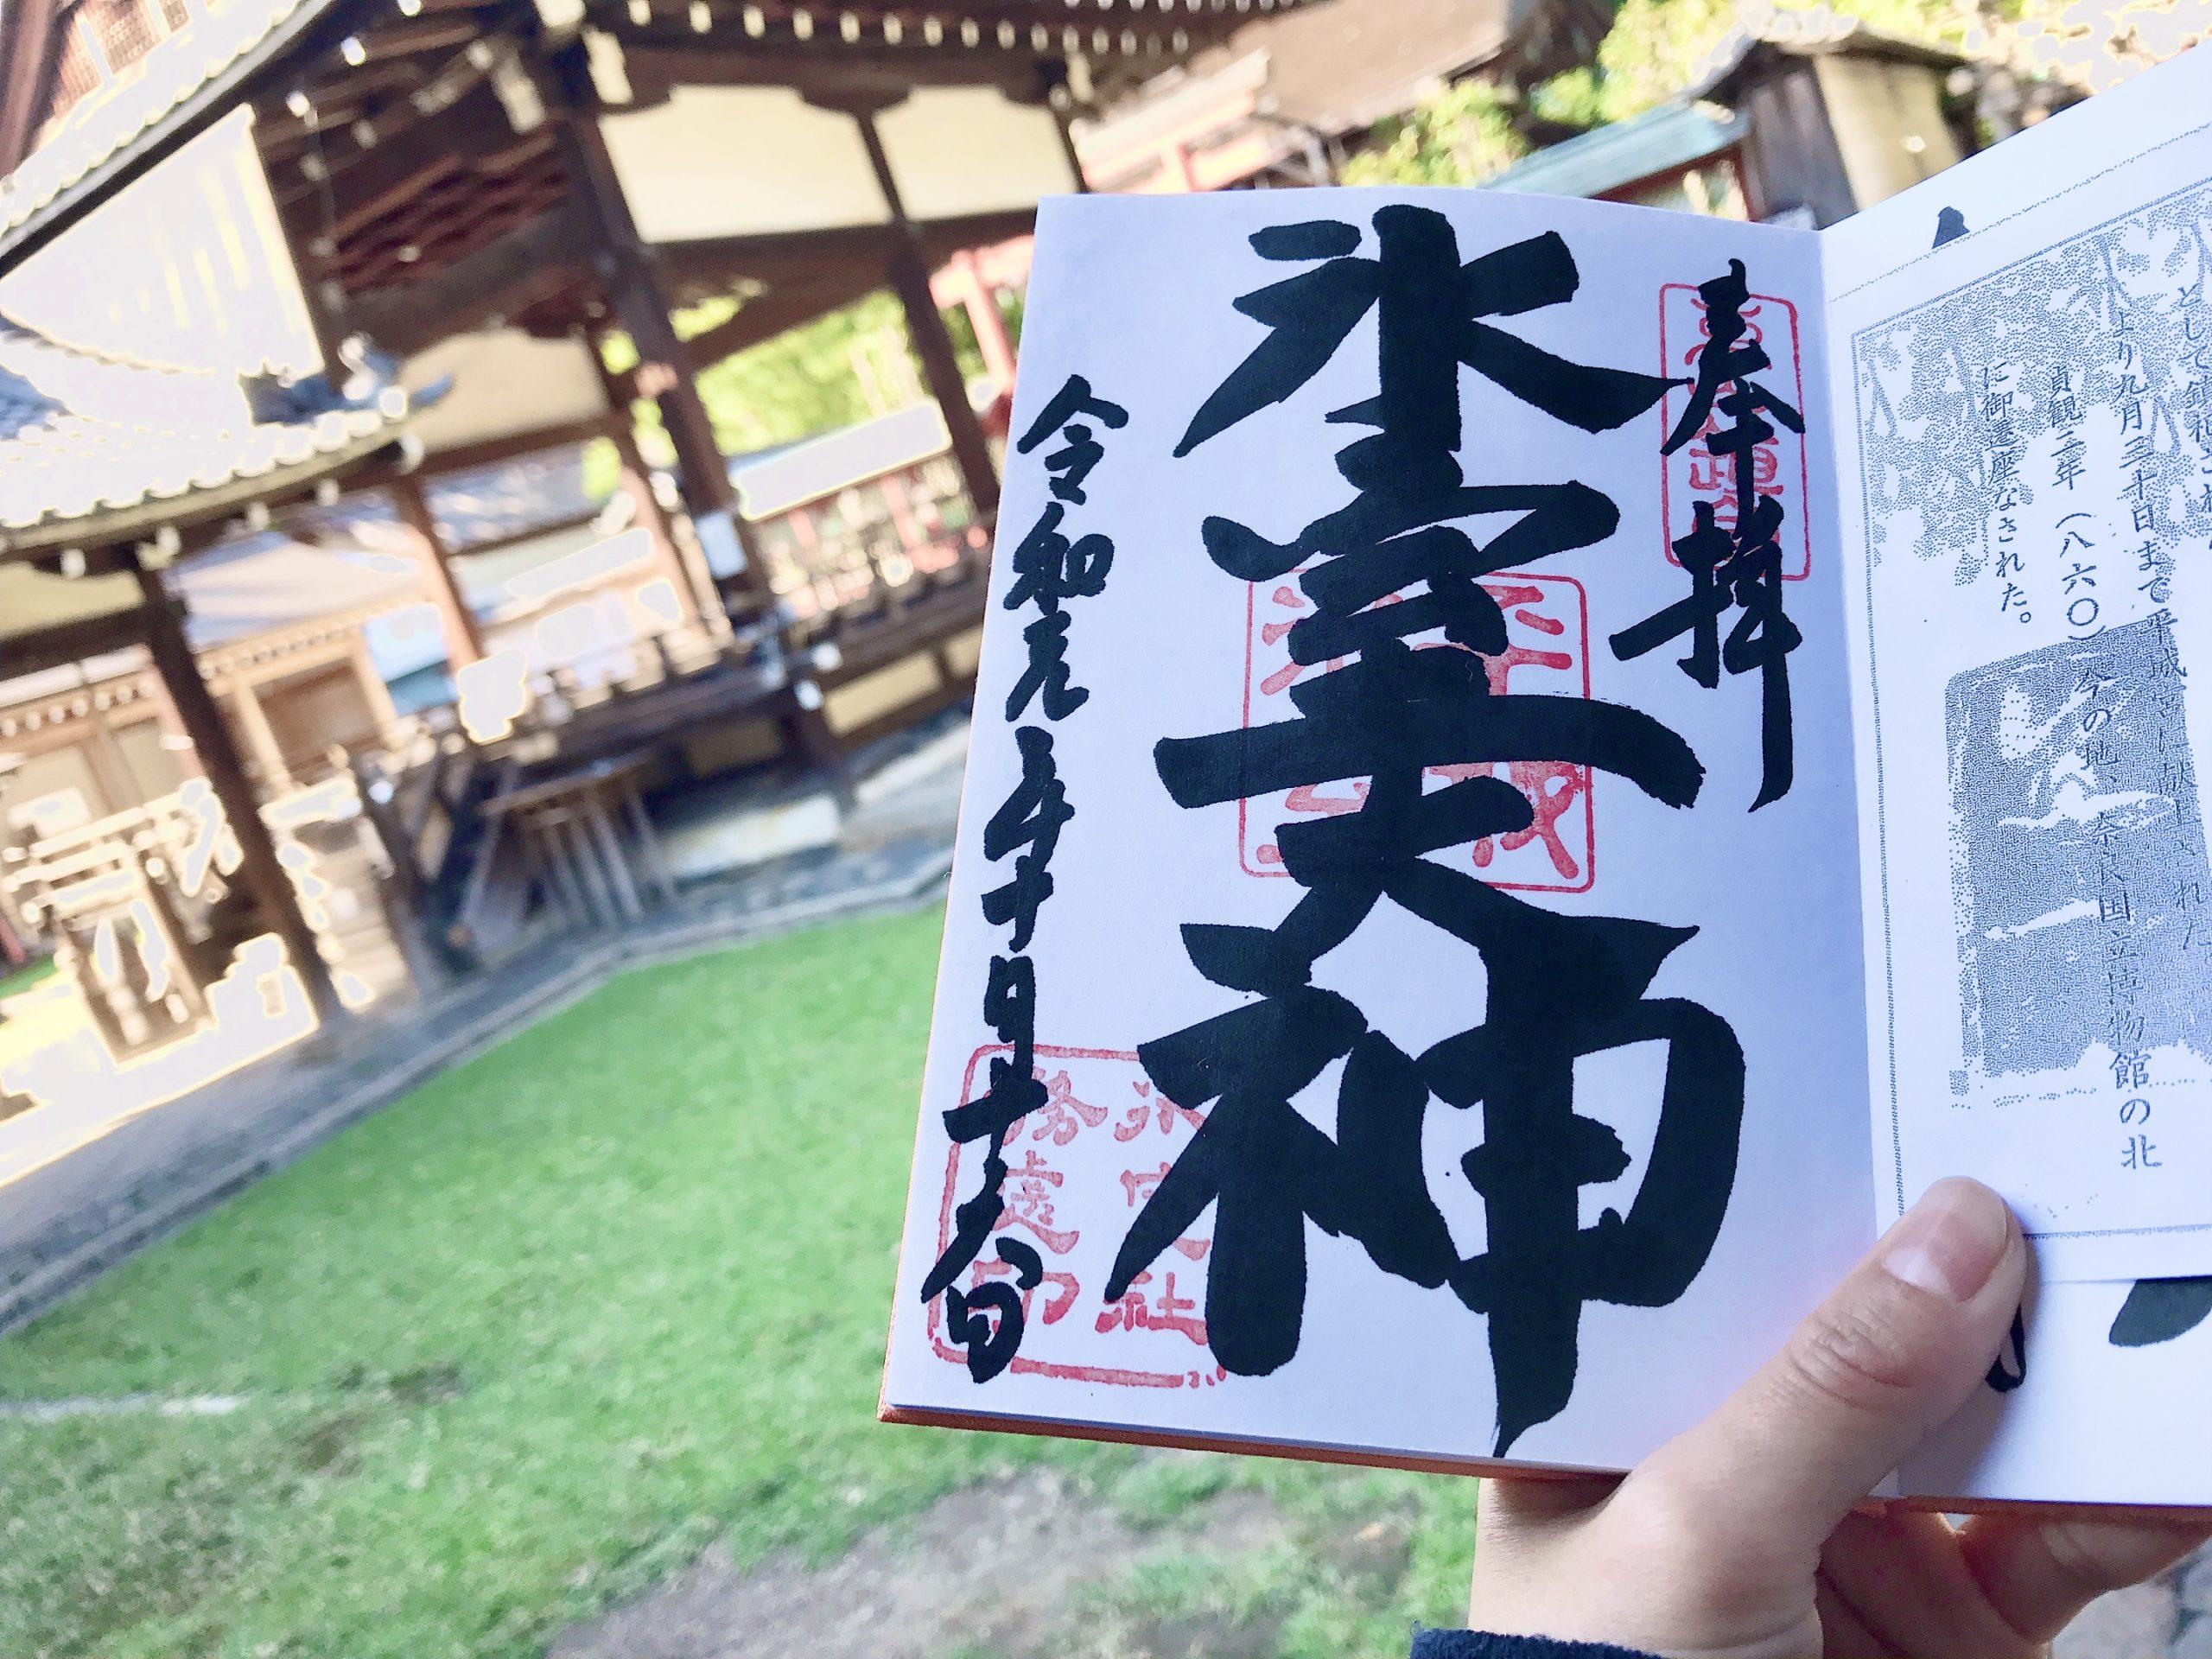 奈良氷の神様を祀る氷室神社へ御朱印旅